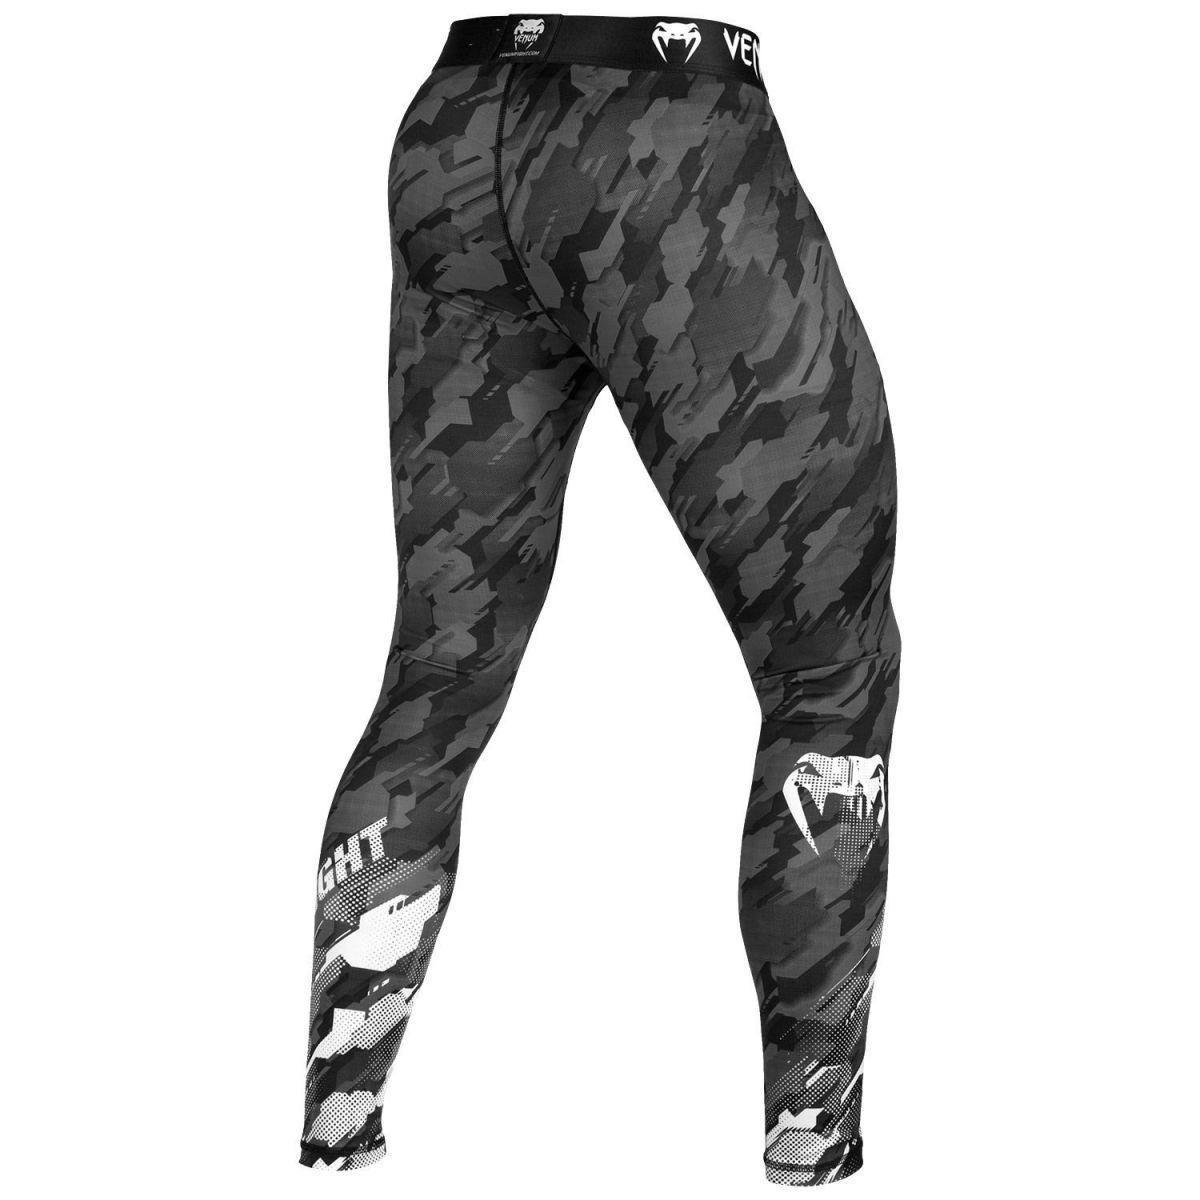 Штаны компрессионные Venum Tecmo Spats Dark Grey-L